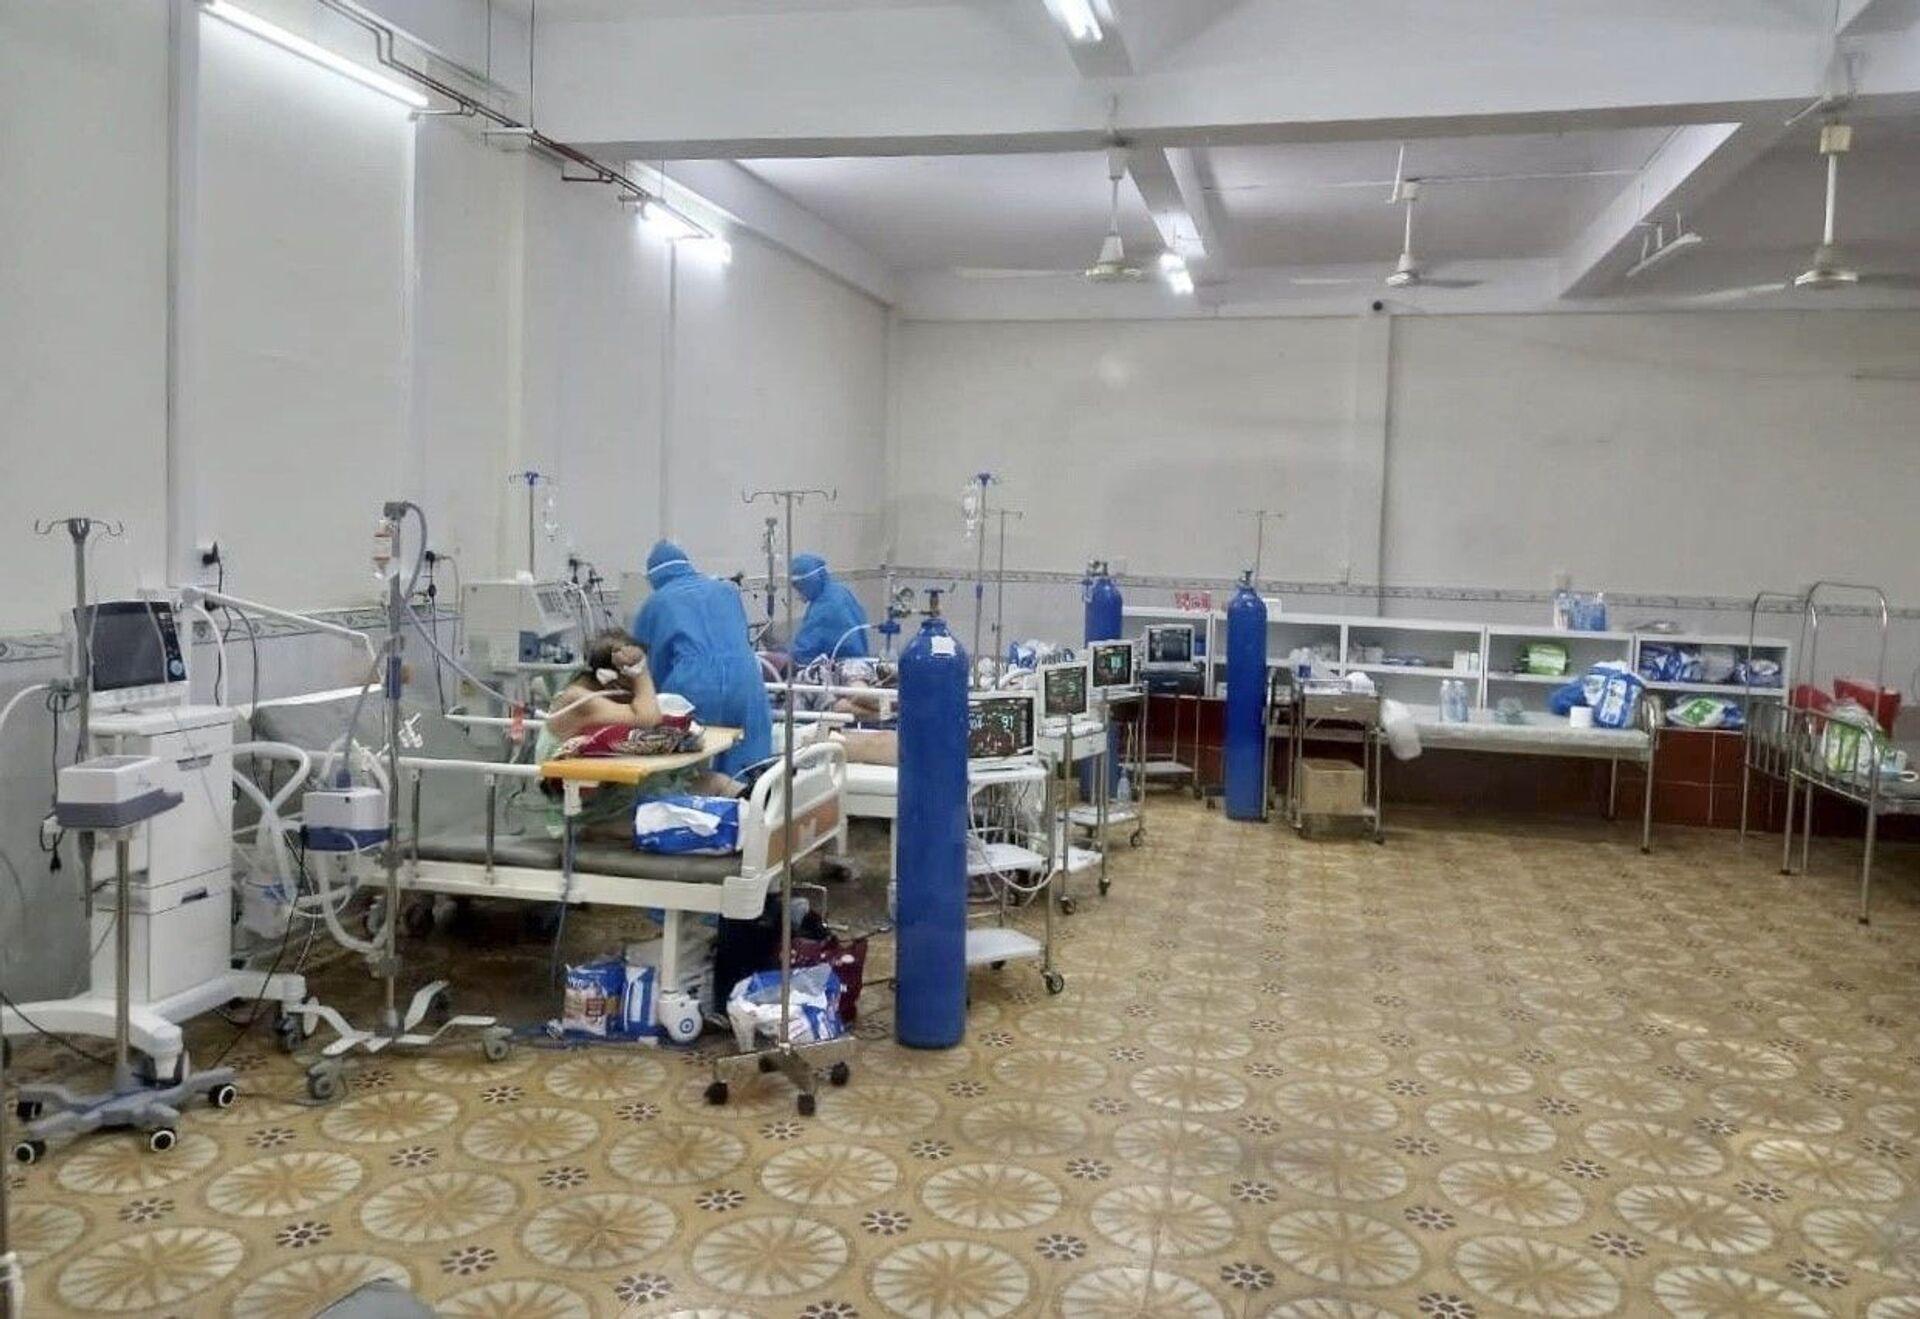 Tại bệnh viện Tân Phú, số lượng bệnh nhân đang điều trị là 220 người. Trong số đó có 151 bệnh nhân nặng cần thở oxy, số còn lại là người có triệu chứng, nhiều bệnh nền cần phải điều trị - Sputnik Việt Nam, 1920, 05.10.2021